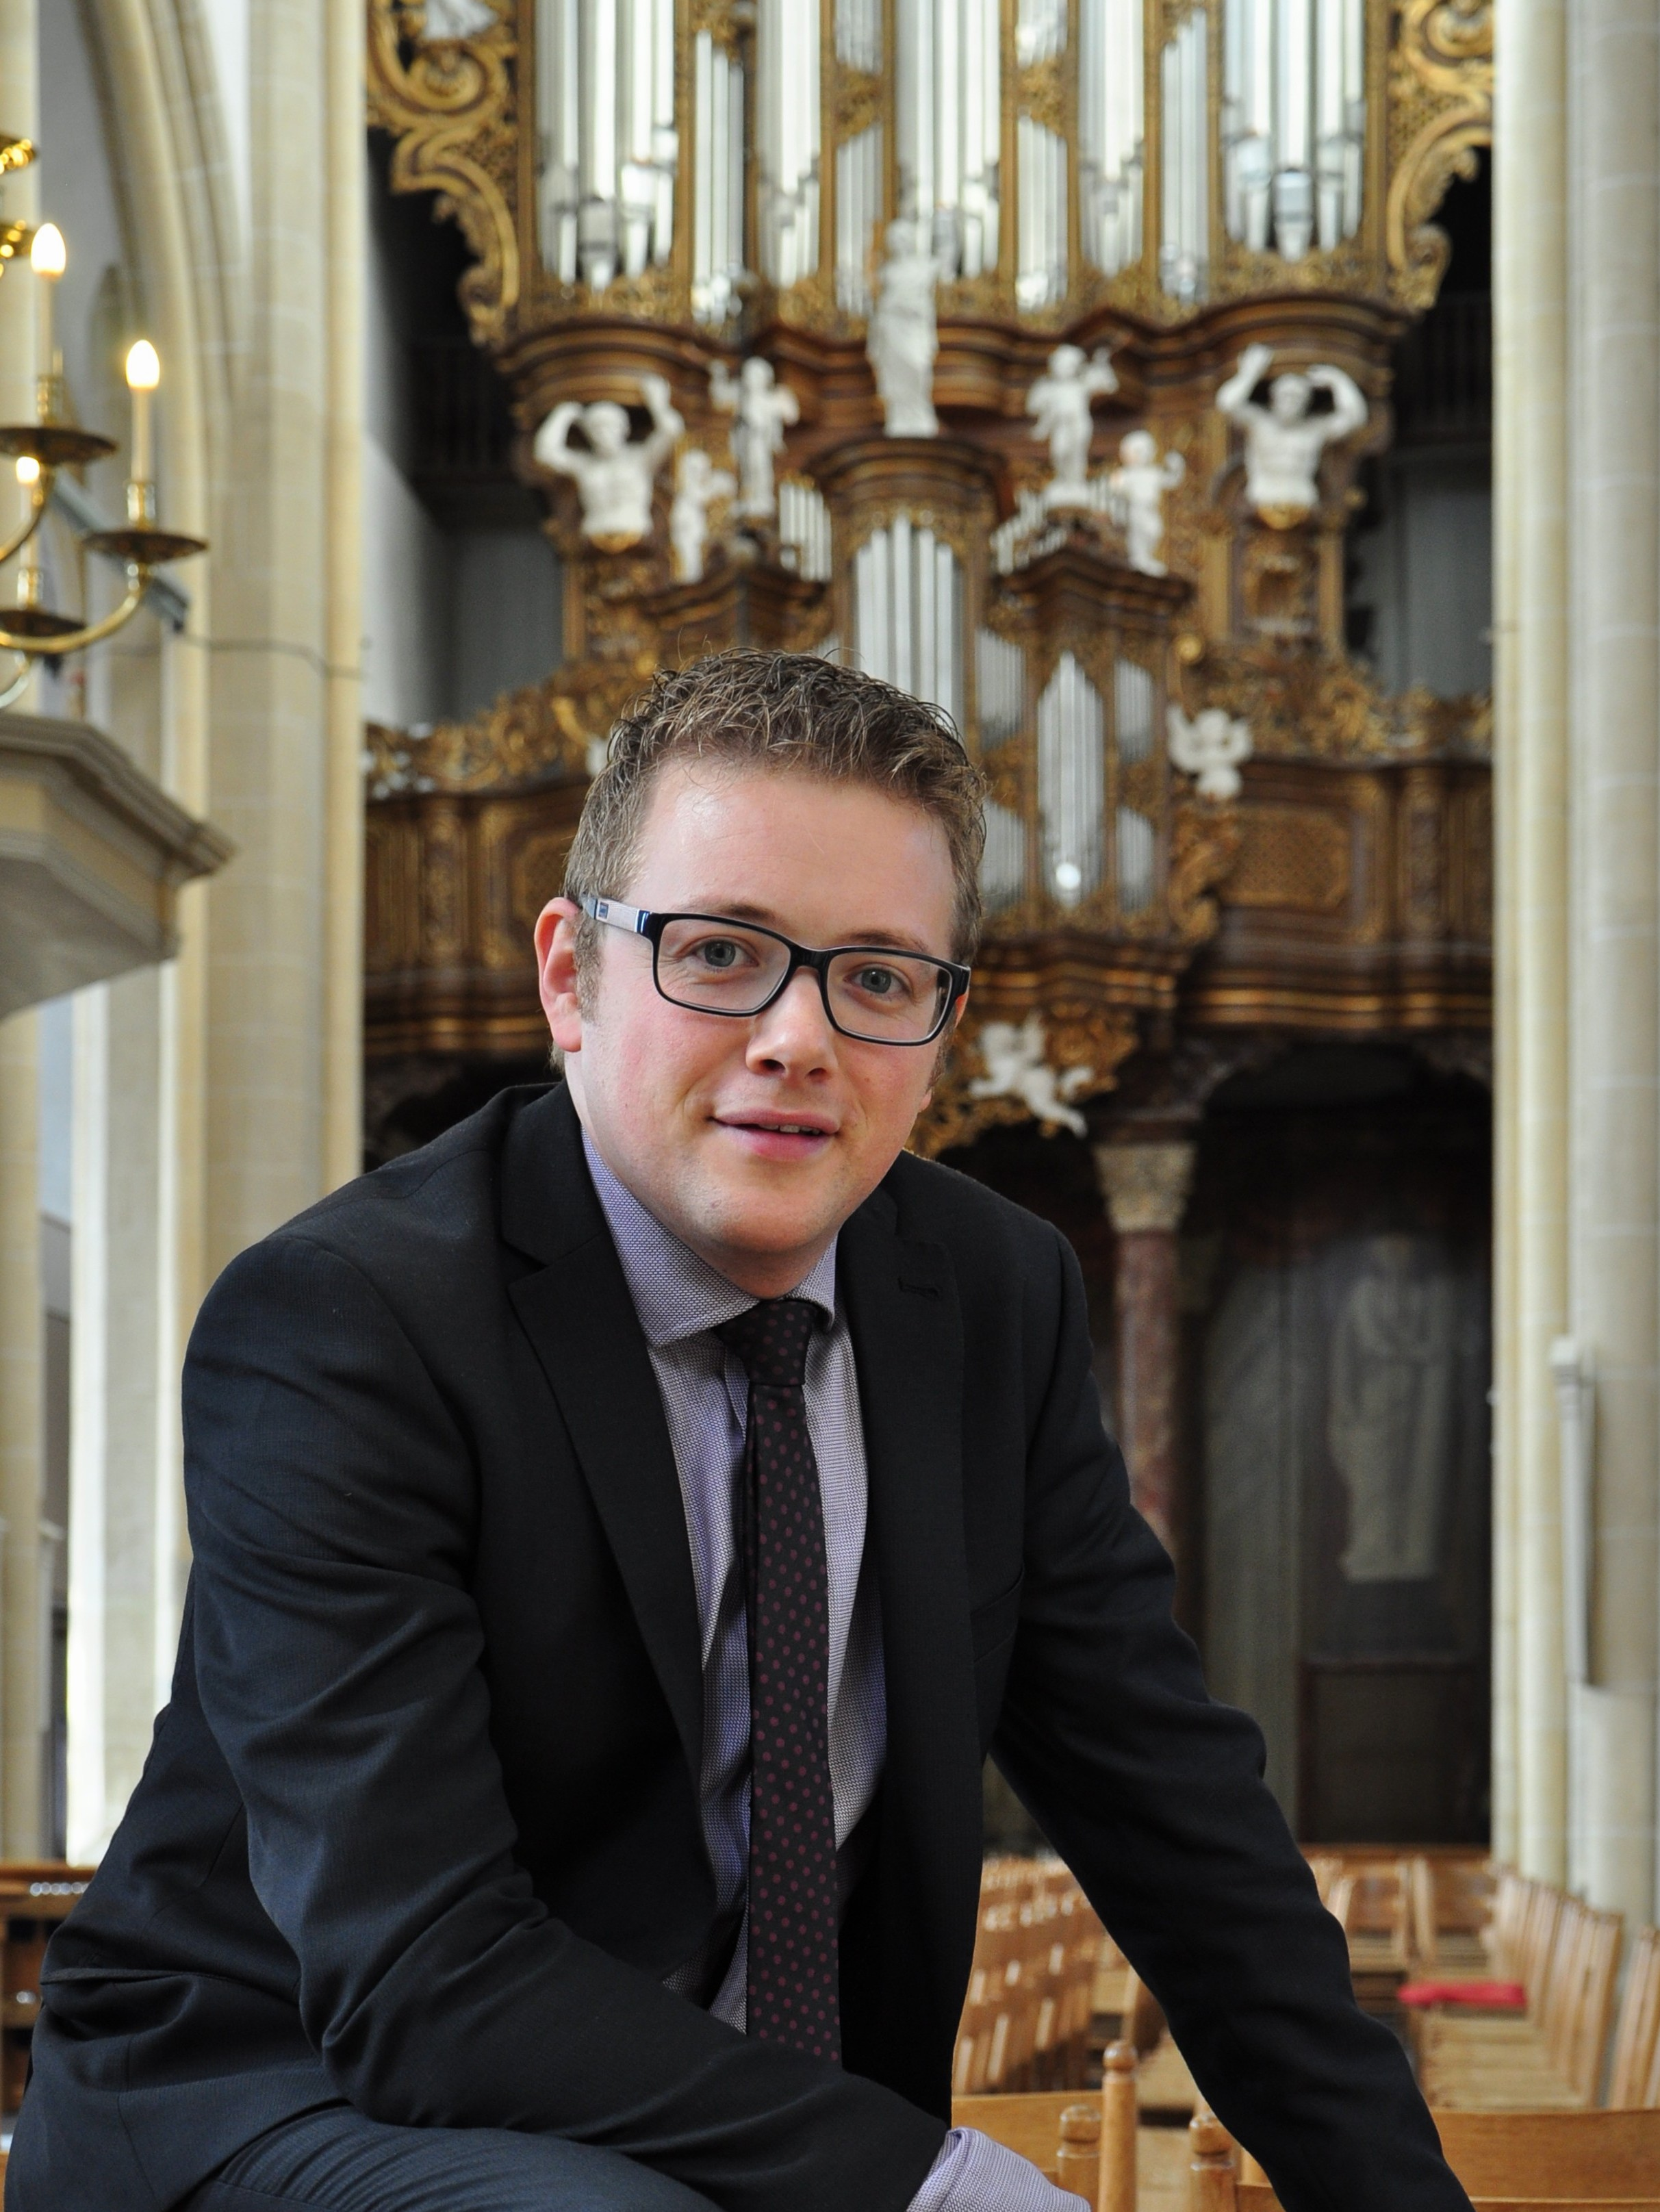 Op zaterdag 29 juni 2019 speelt de vermaarde organist Minne Veldman uit Urk op het fraaie Pels-orgel in de Hervormde kerk te Venhuizen. Het concert begint om 20.00 uur, entree € 10,00 /  -12 jr. € 5,00  Verdere info www.zingenenzo.com